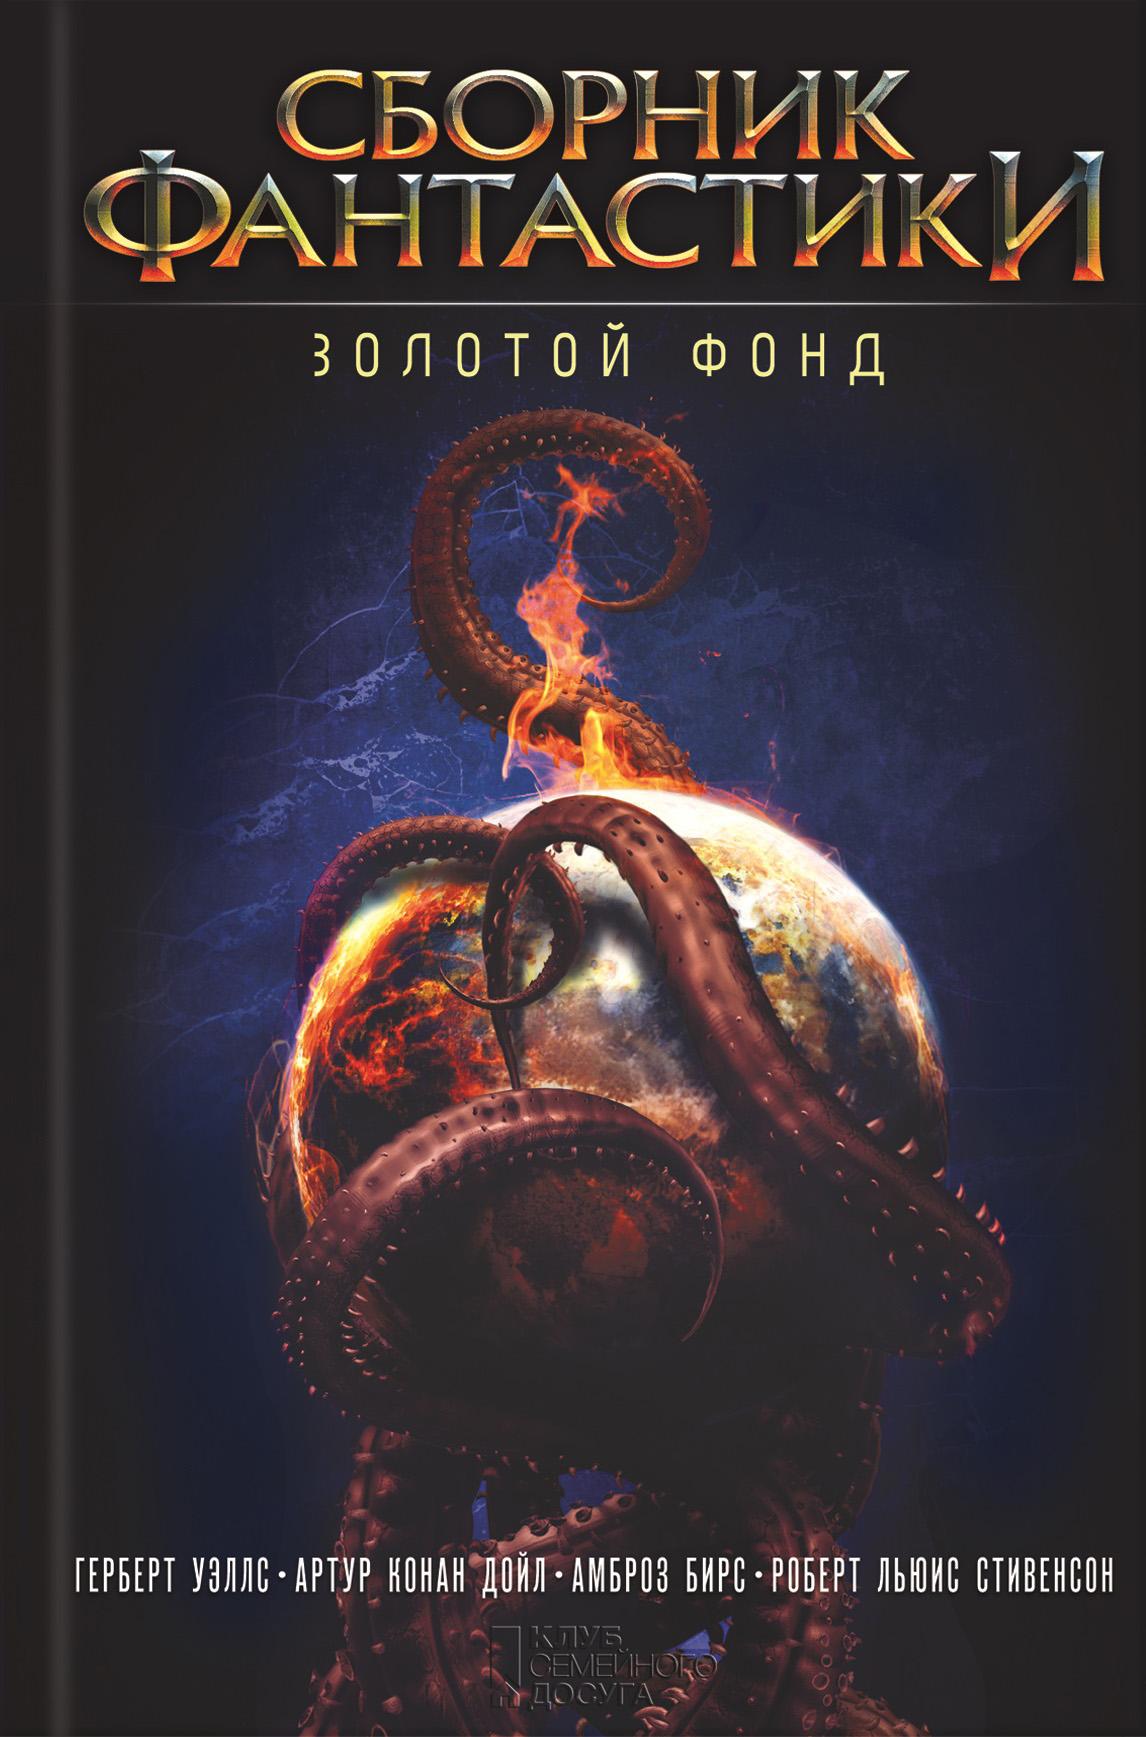 Сборник фантастики. Золотой фонд